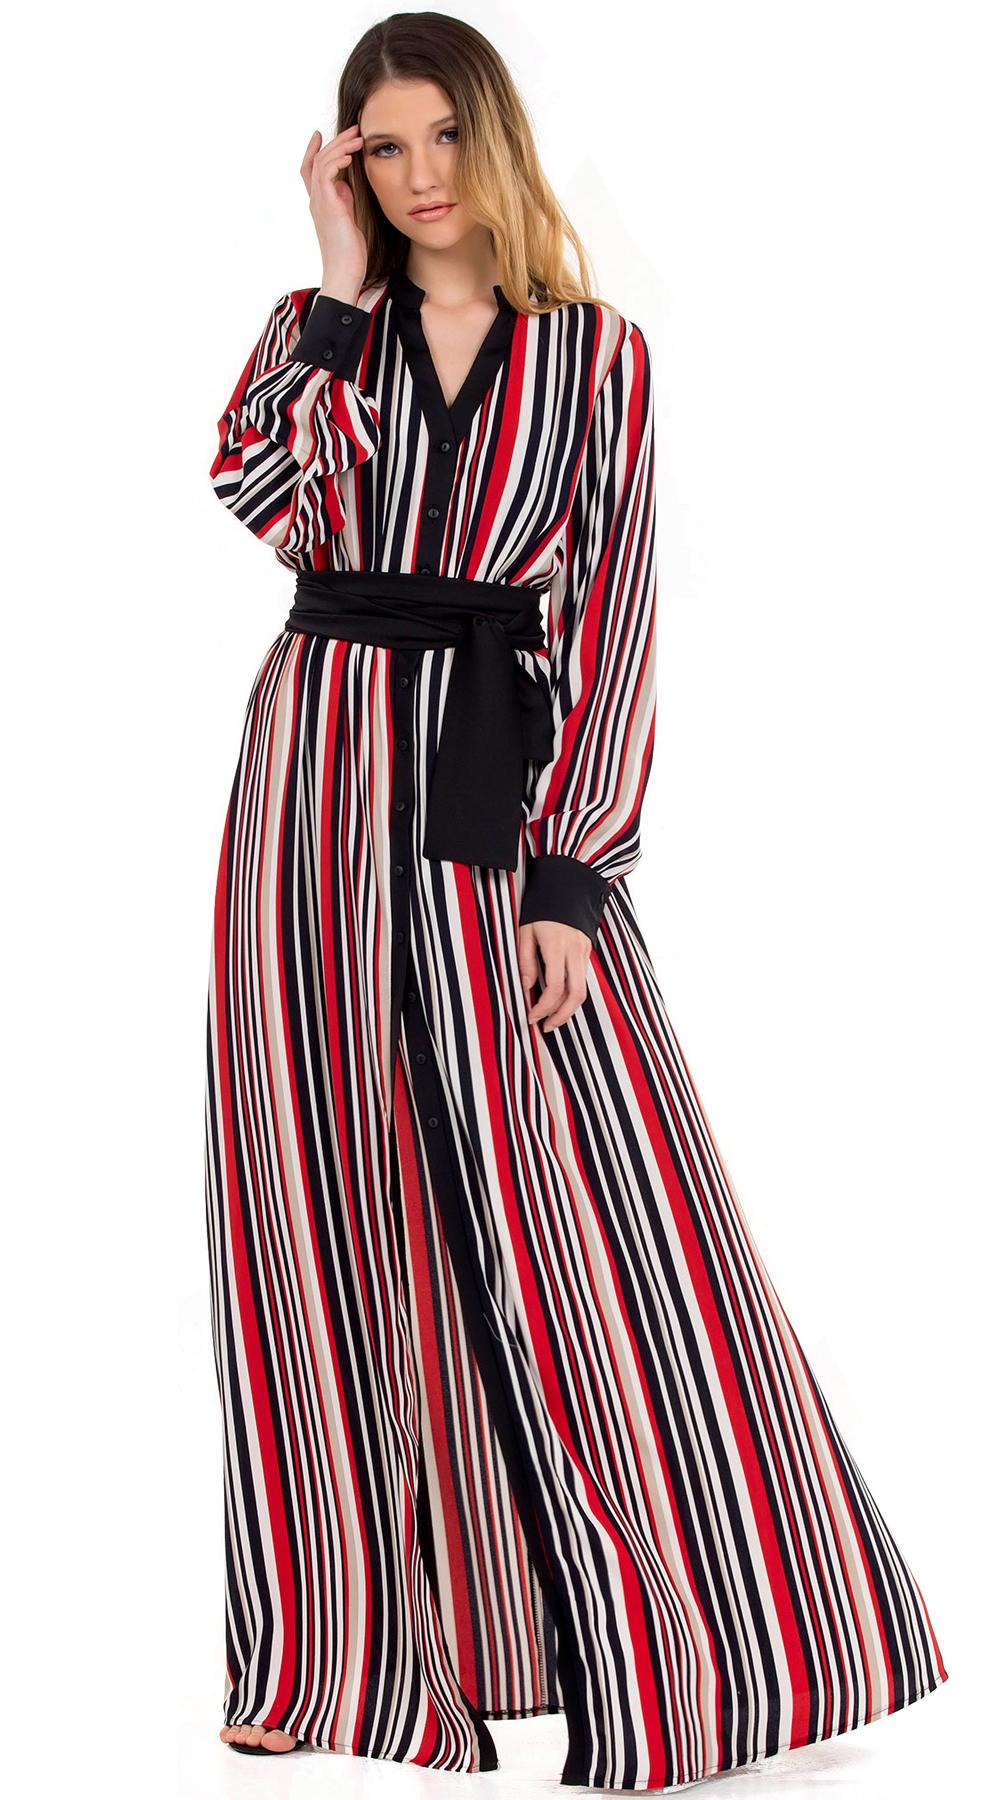 Μάξι ριγέ φόρεμα με κουμπιά και χοντρή ζώνη Online - ONLINE - SP18ON-56042 φορέματα μάξι φορέματα